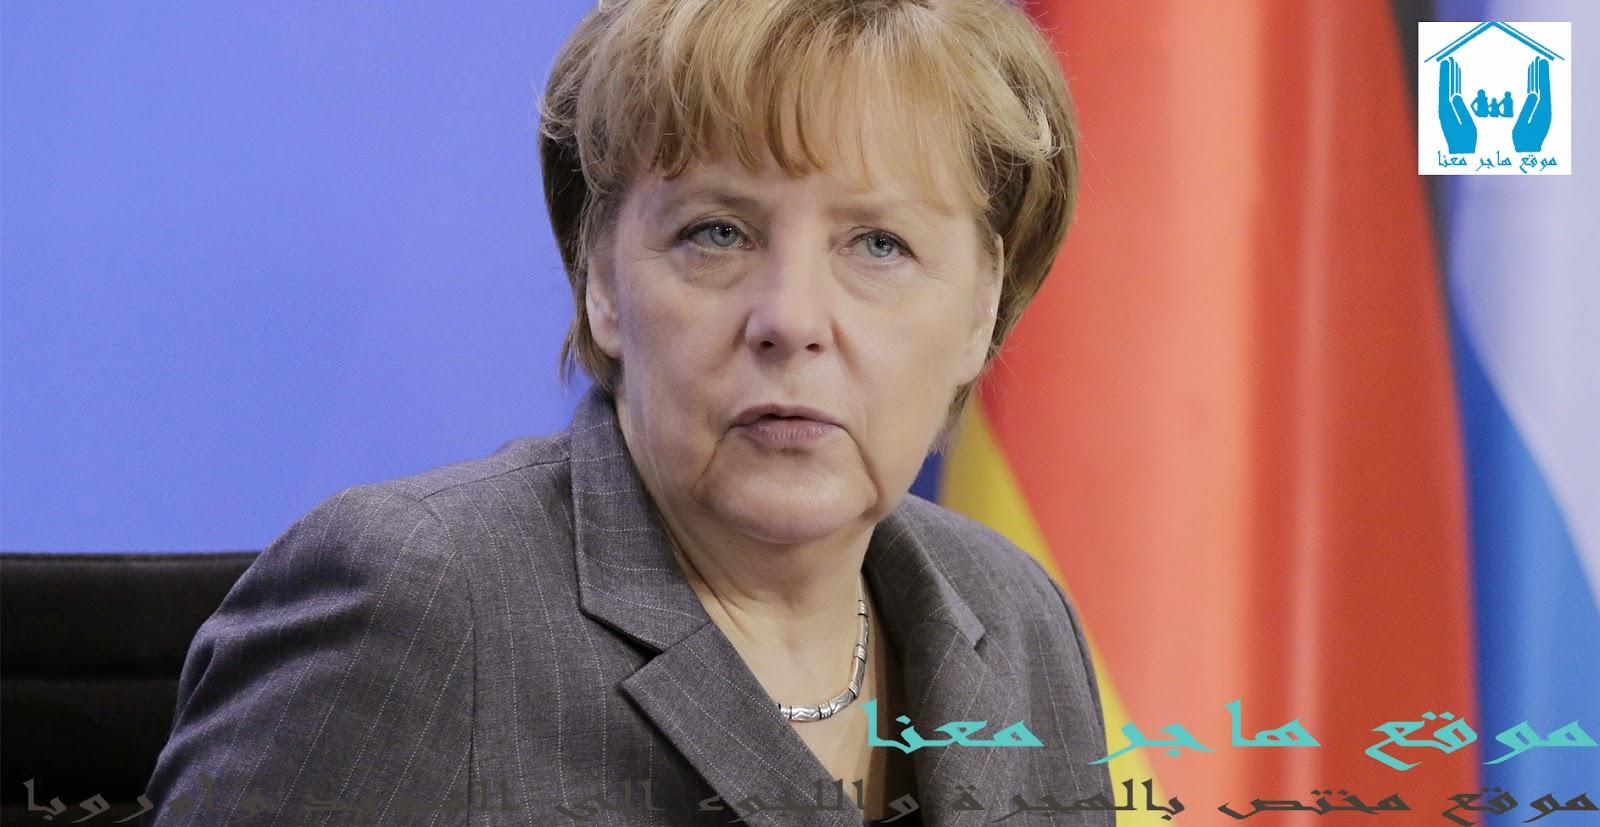 اللجوء الى المانيا